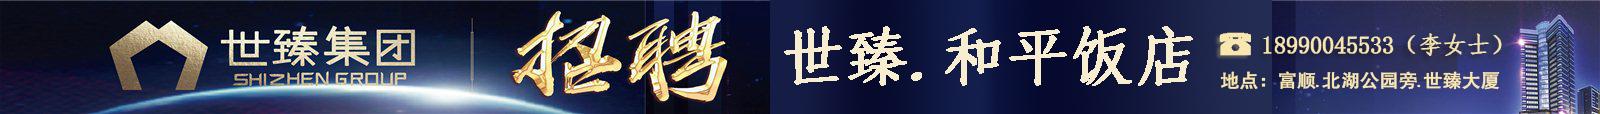 富顺世臻酒店管理有限公司